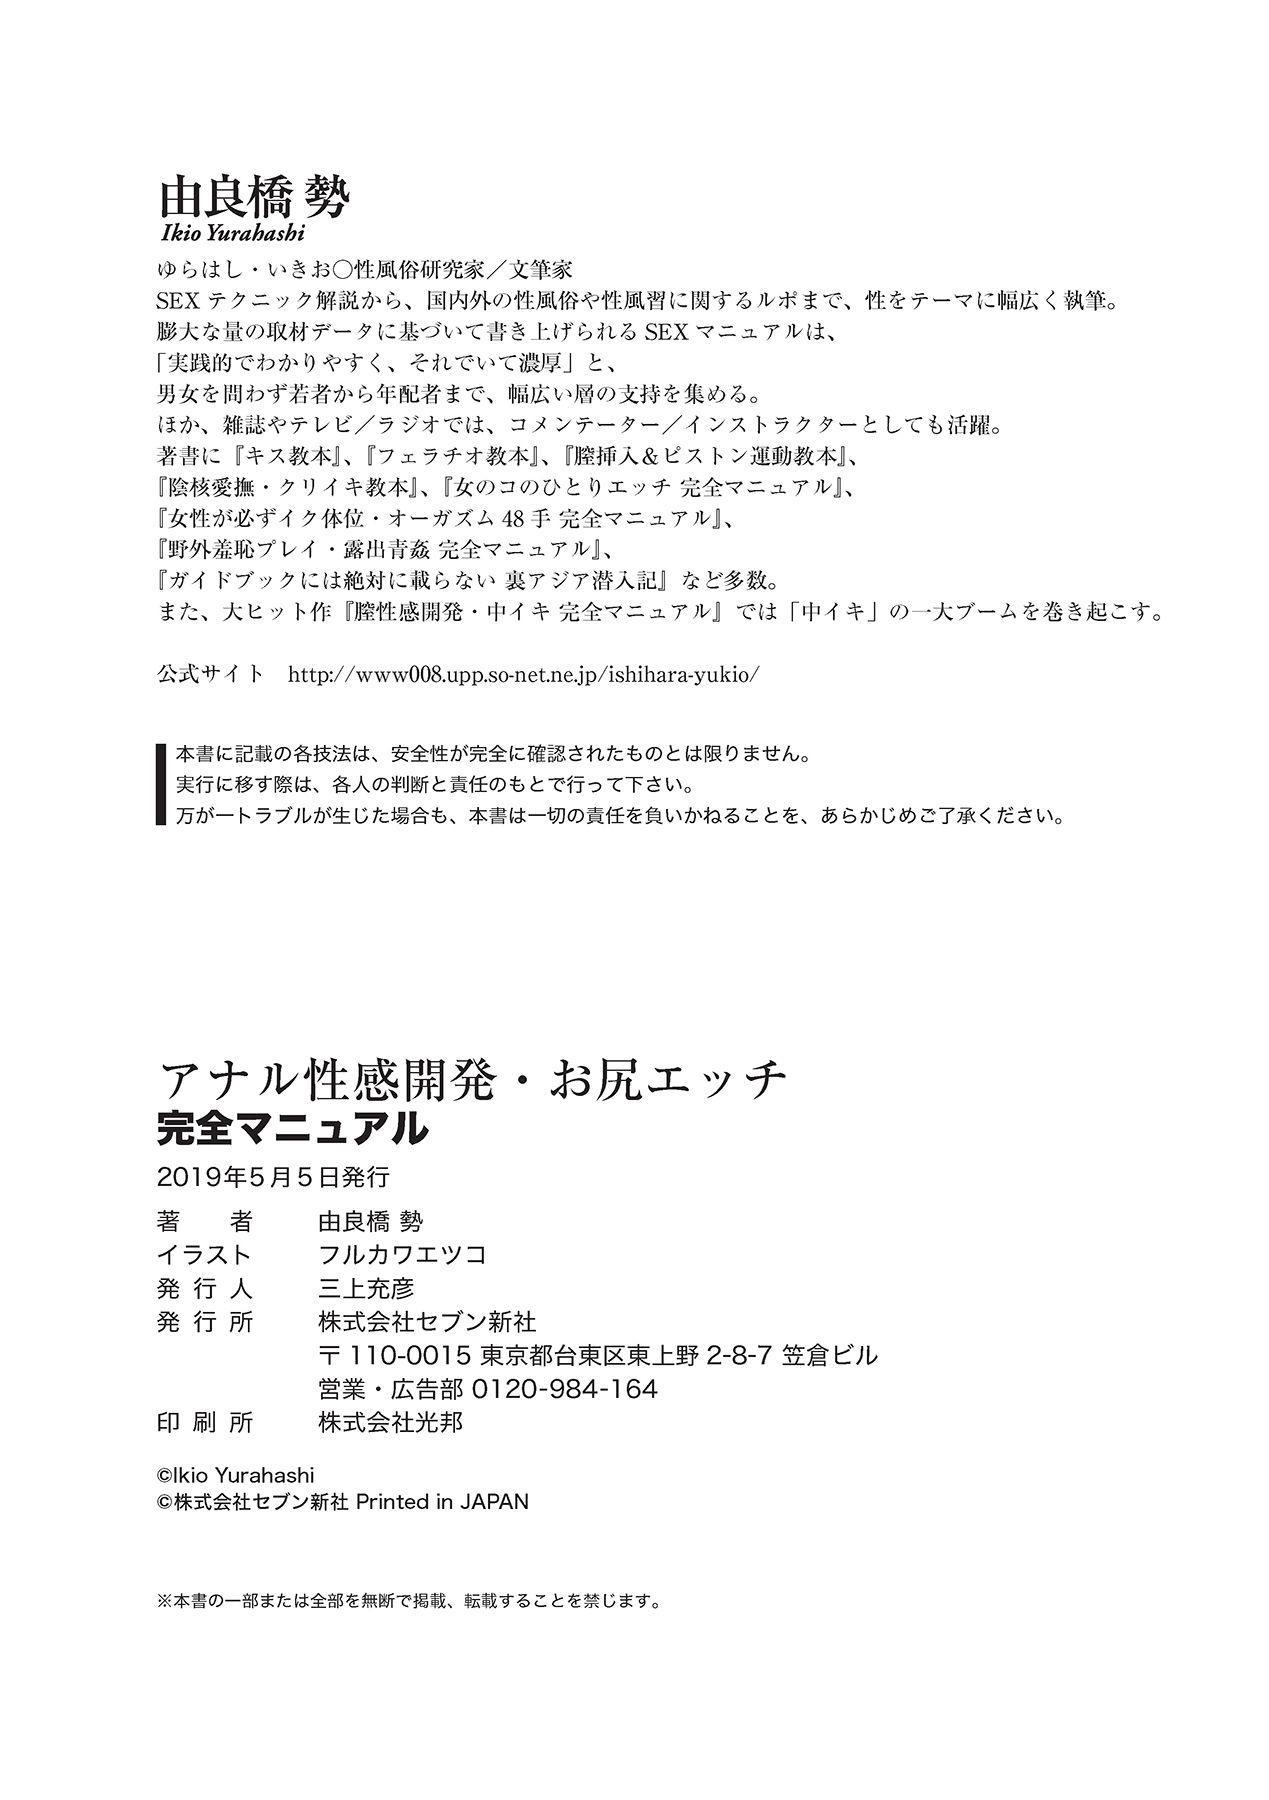 アナル性感開発・お尻エッチ 完全マニュアル 96